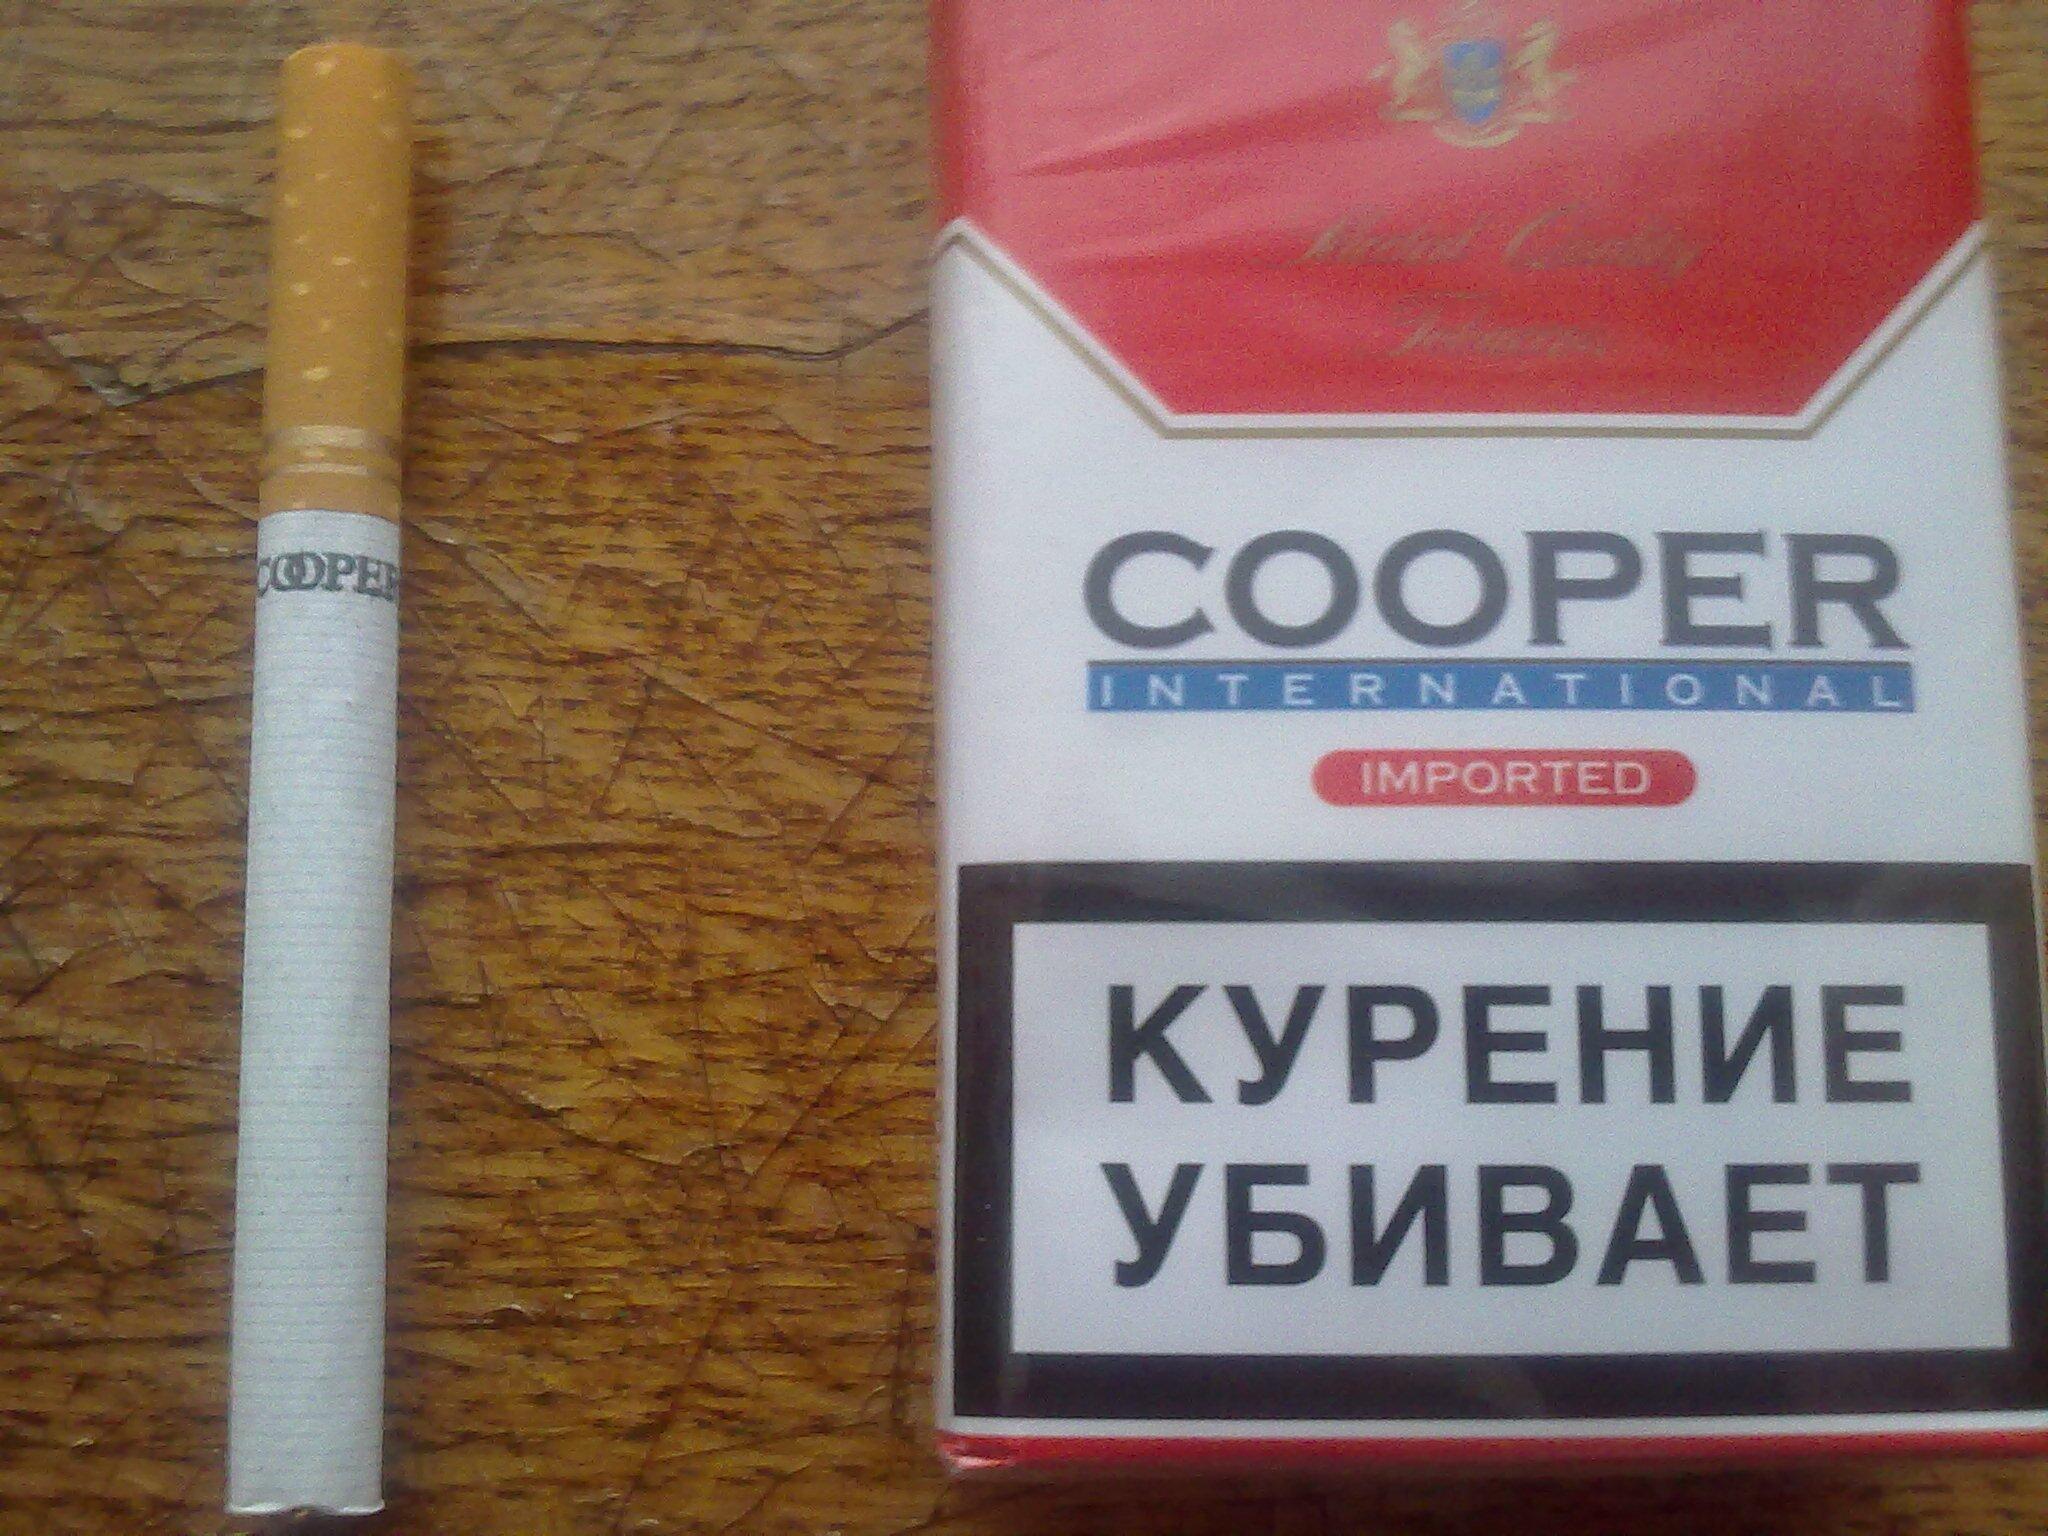 Сигареты cooper где купить табак для сигарет купить в москве